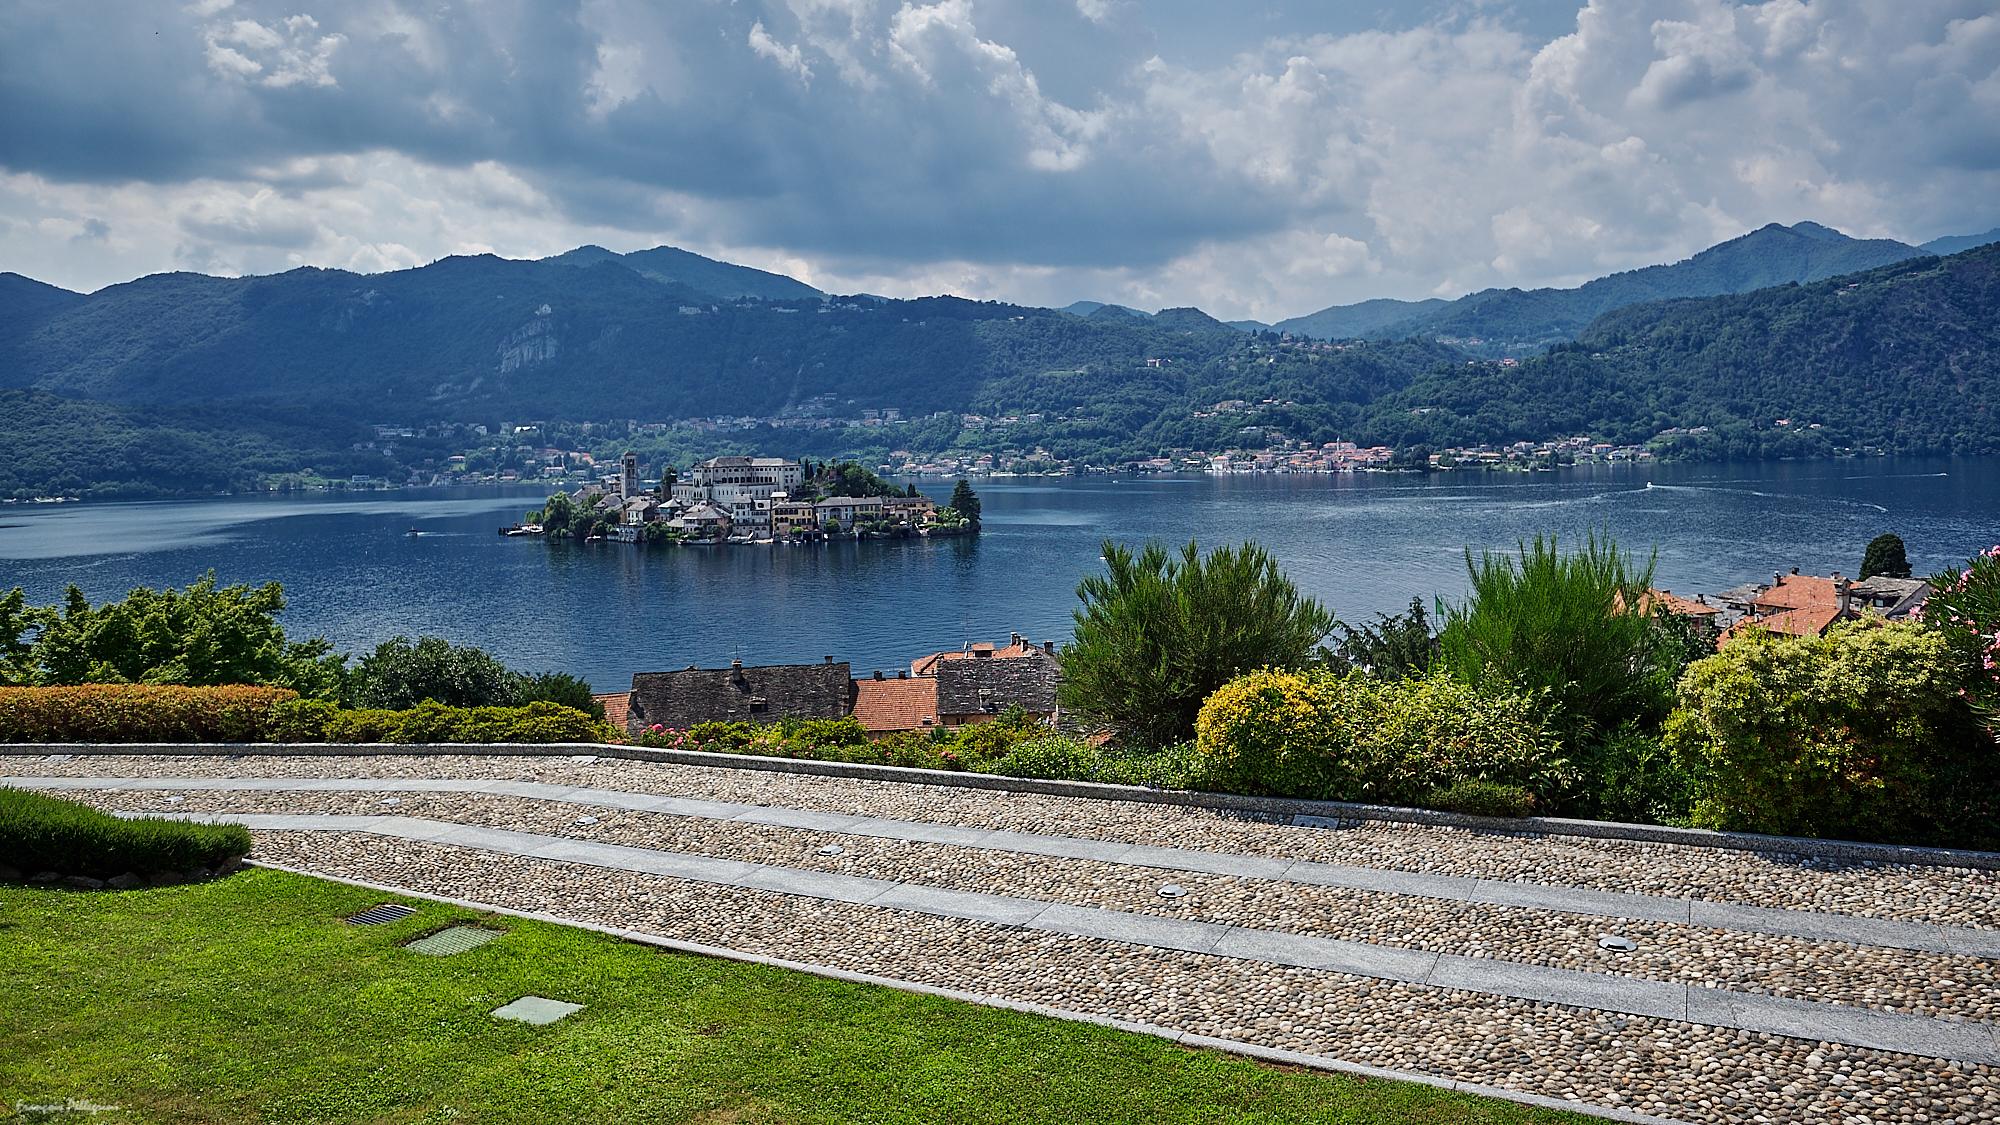 Orta Lake, from Orta San Giulio, Italy